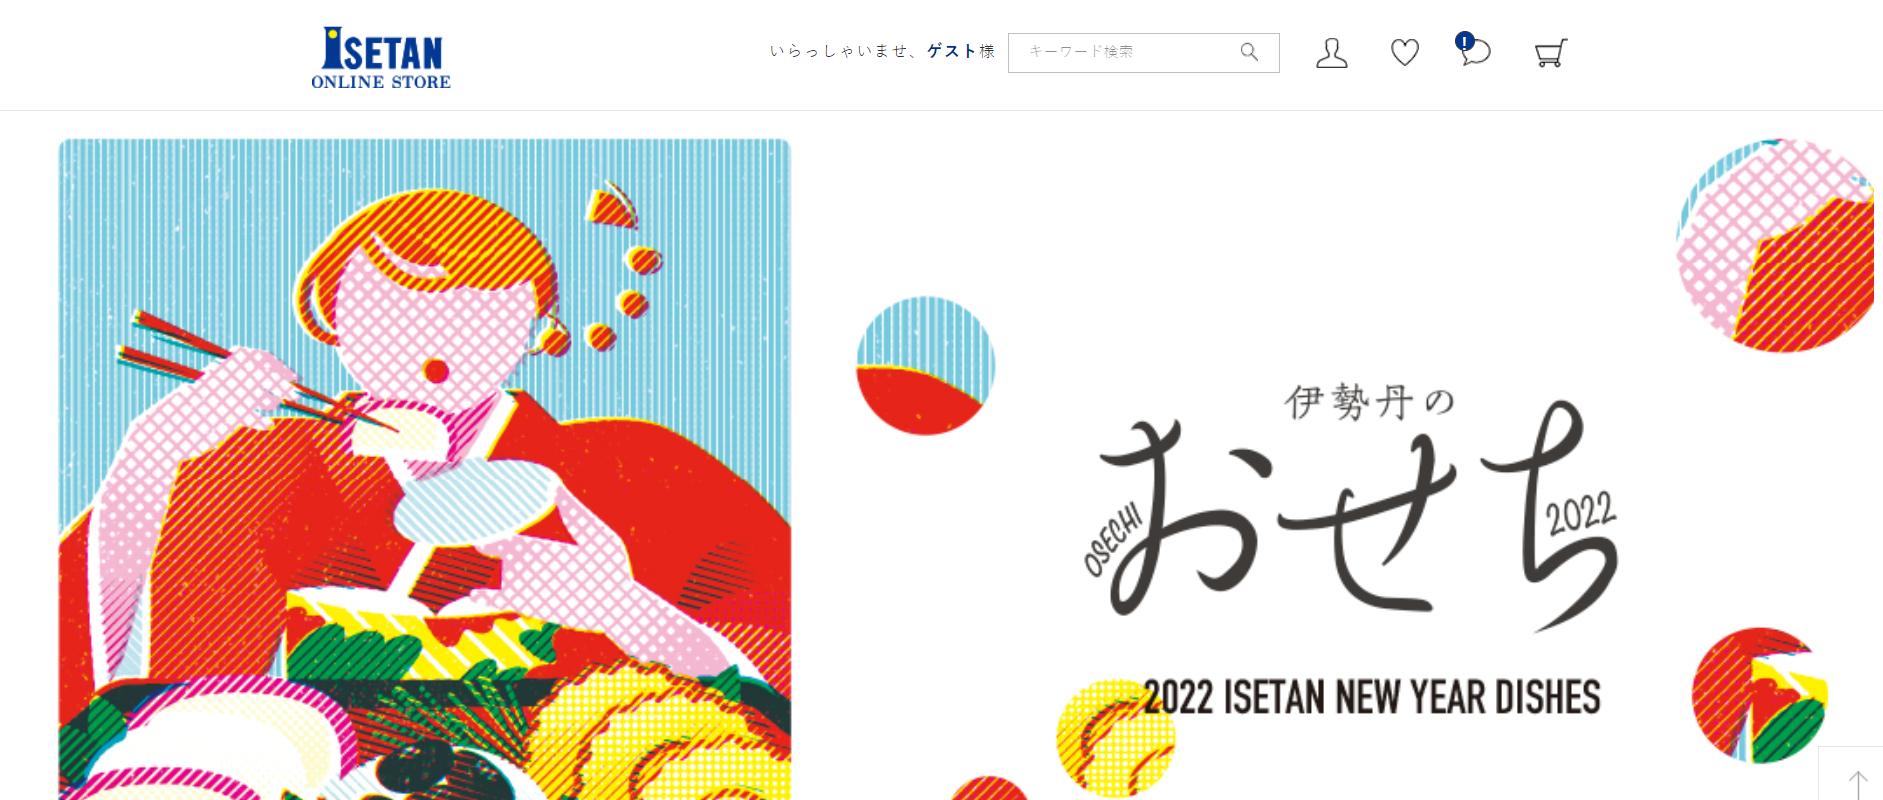 出典)三越伊勢丹公式サイト